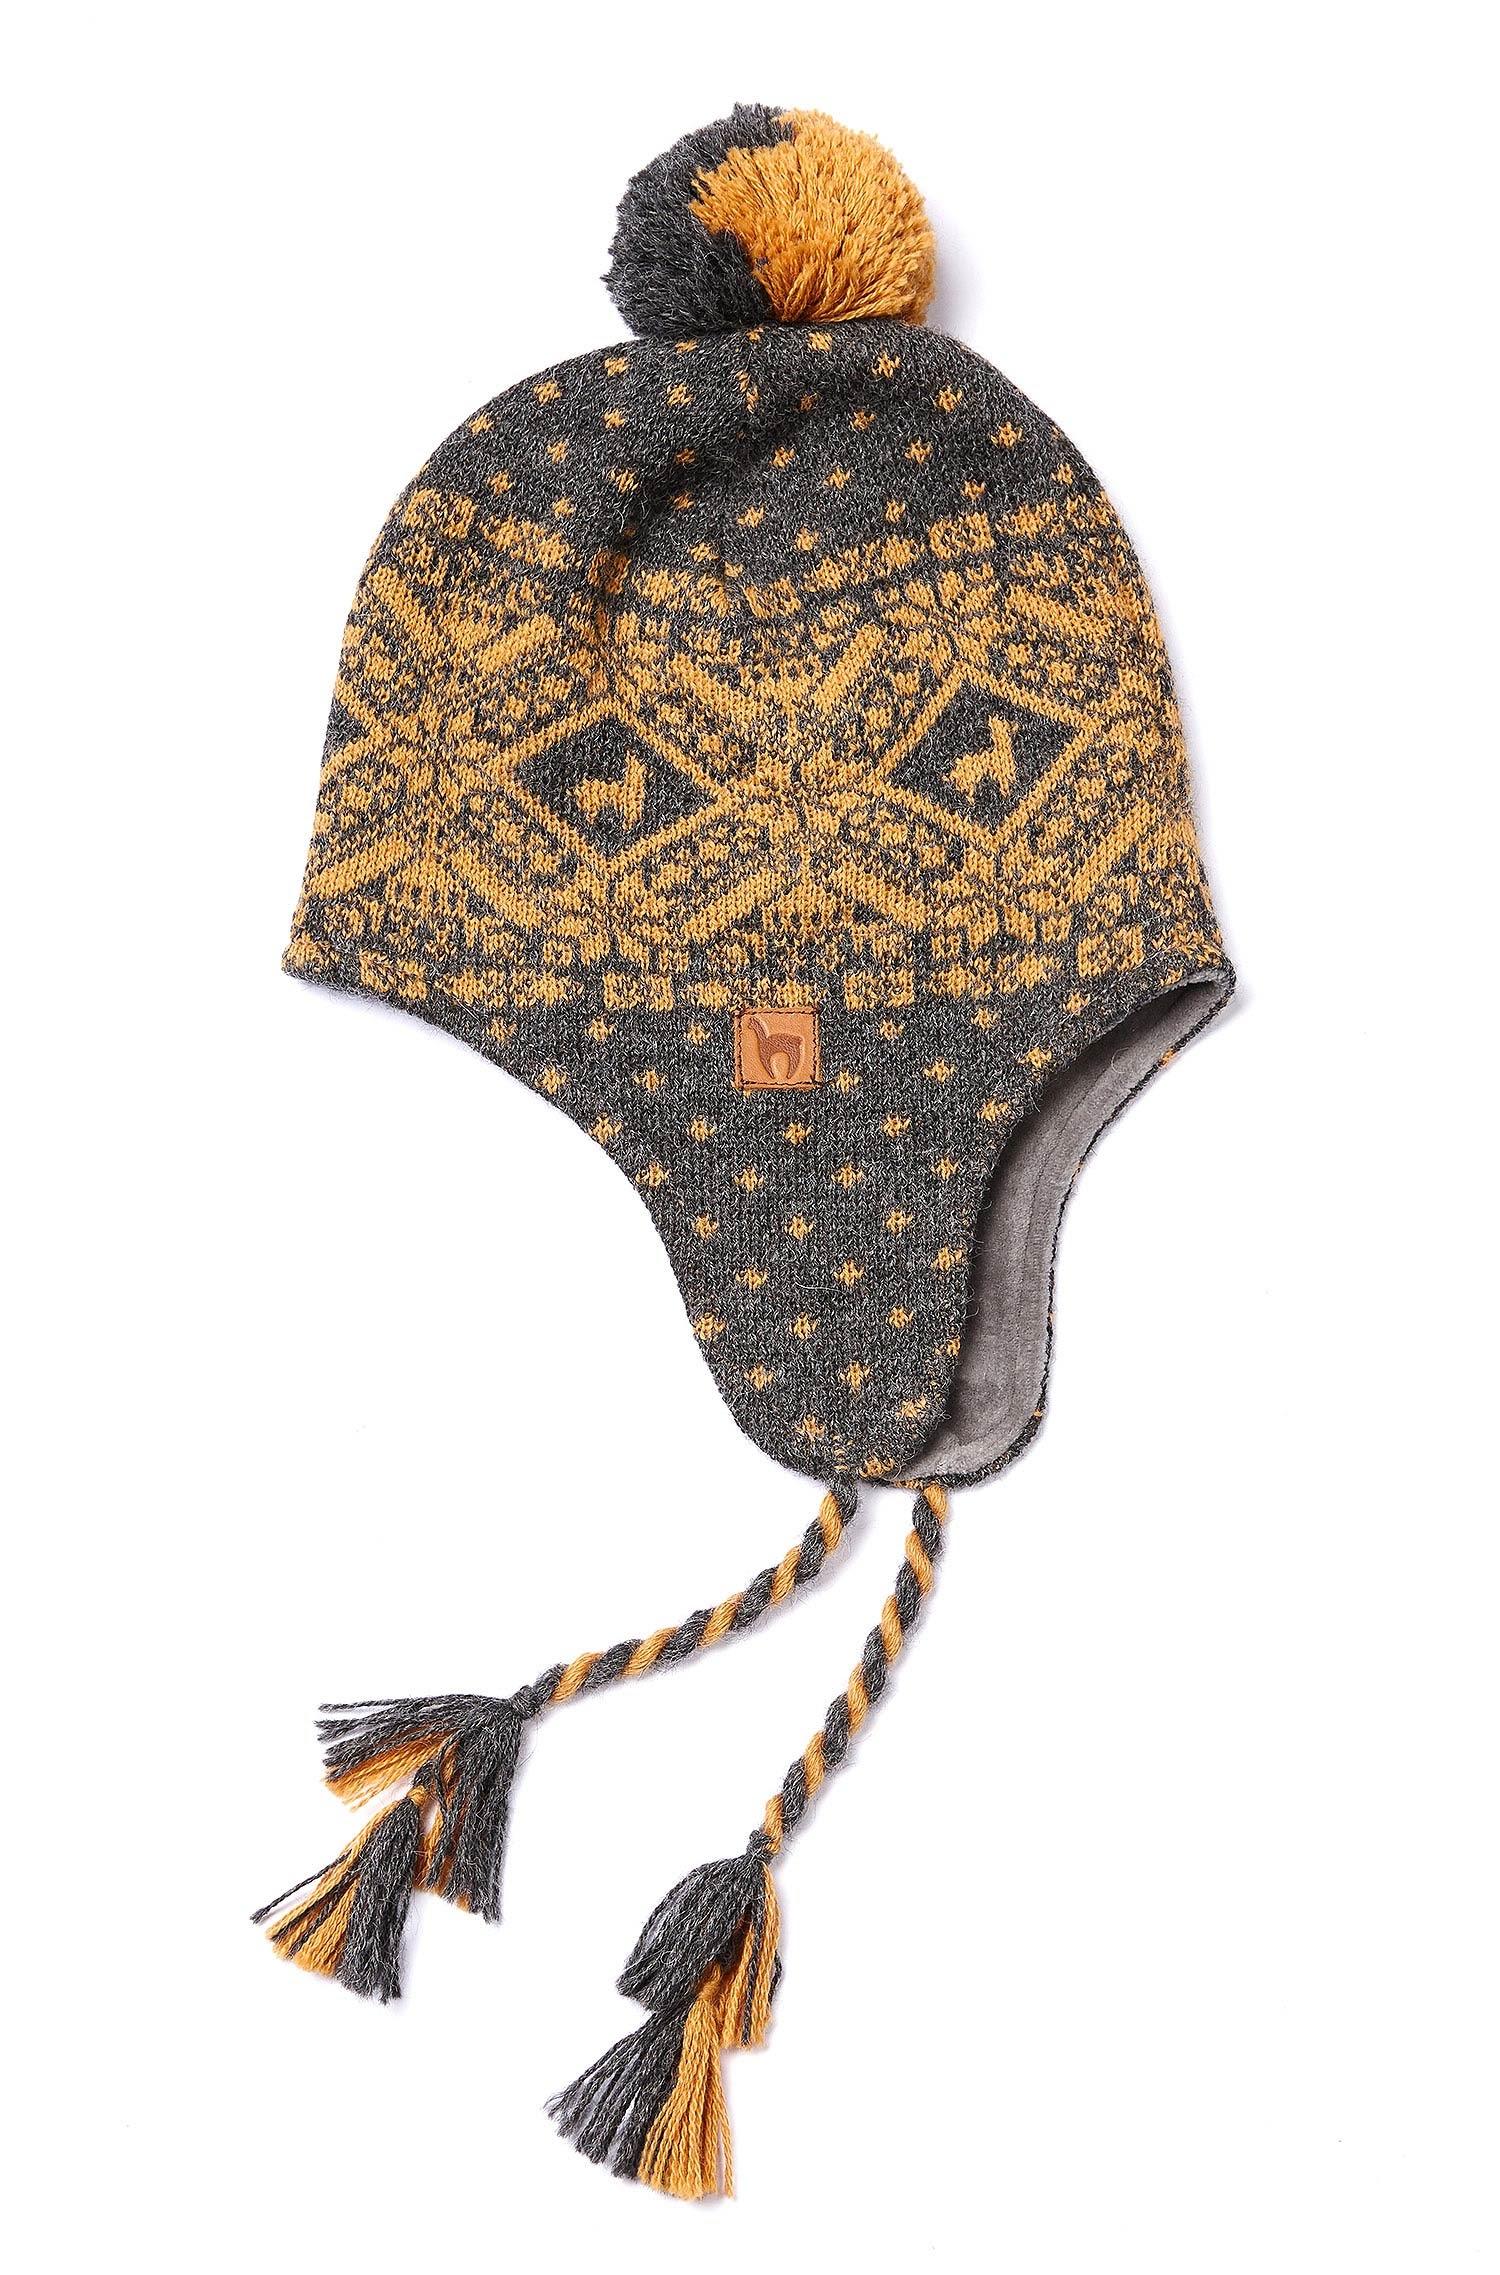 Anden Roca hue til børn - Bring lidt magik fra de peruvianske egne i Andesbjergene hjem til dig. En lækker jacquard strikket hue i Anden Roca serien fra Apu Kuntur i en flot grå farve med gult mønster der kombinerer Peru og den nordiske stil. Denne flotte alpaka/alpaca uld hue har